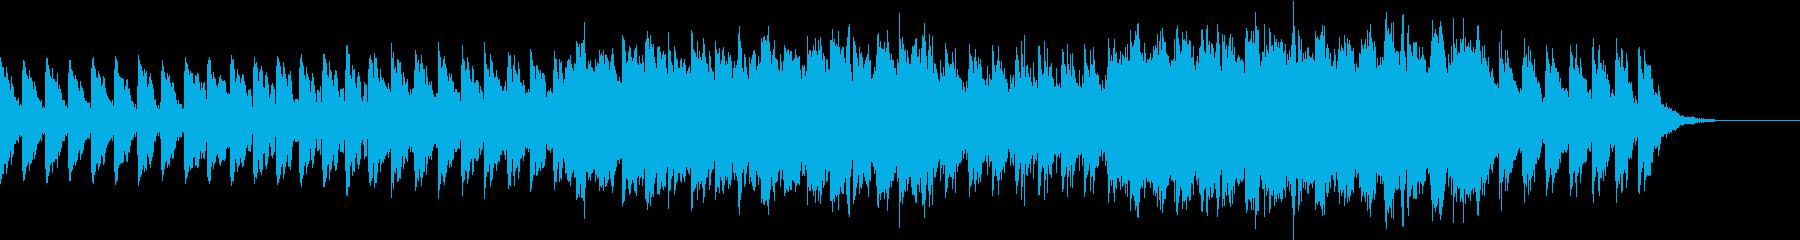 のどかな平原をイメージしたBGMの再生済みの波形